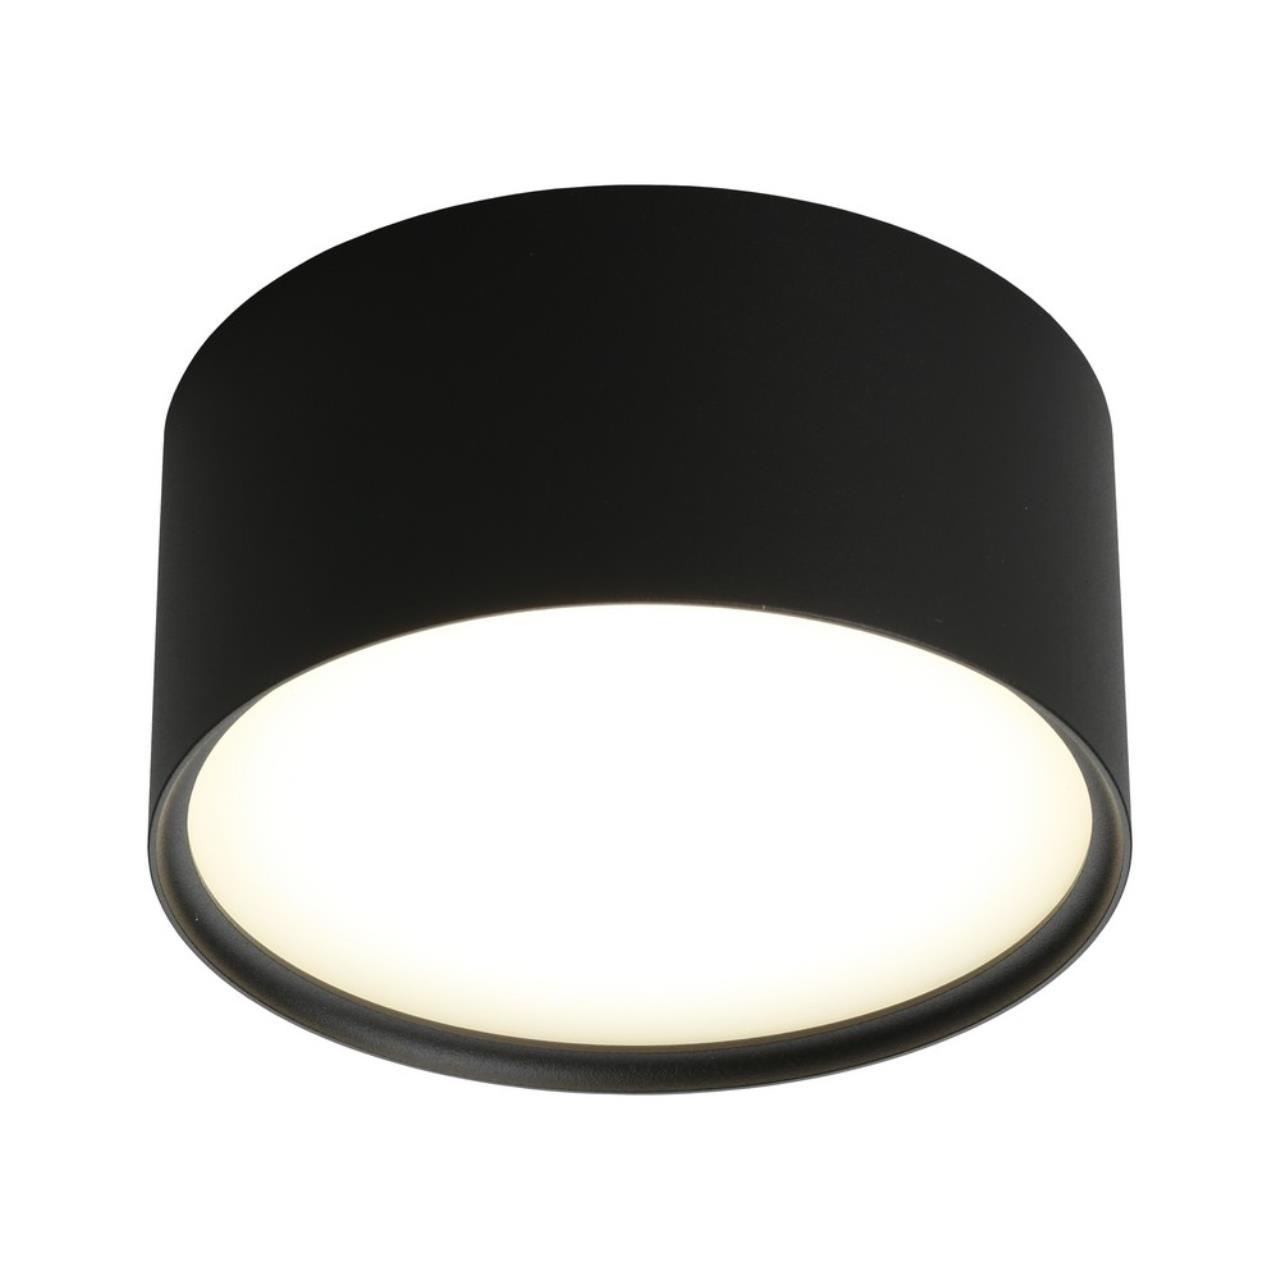 Встраиваемый-накладной светильник Omnilux OML-100919-12